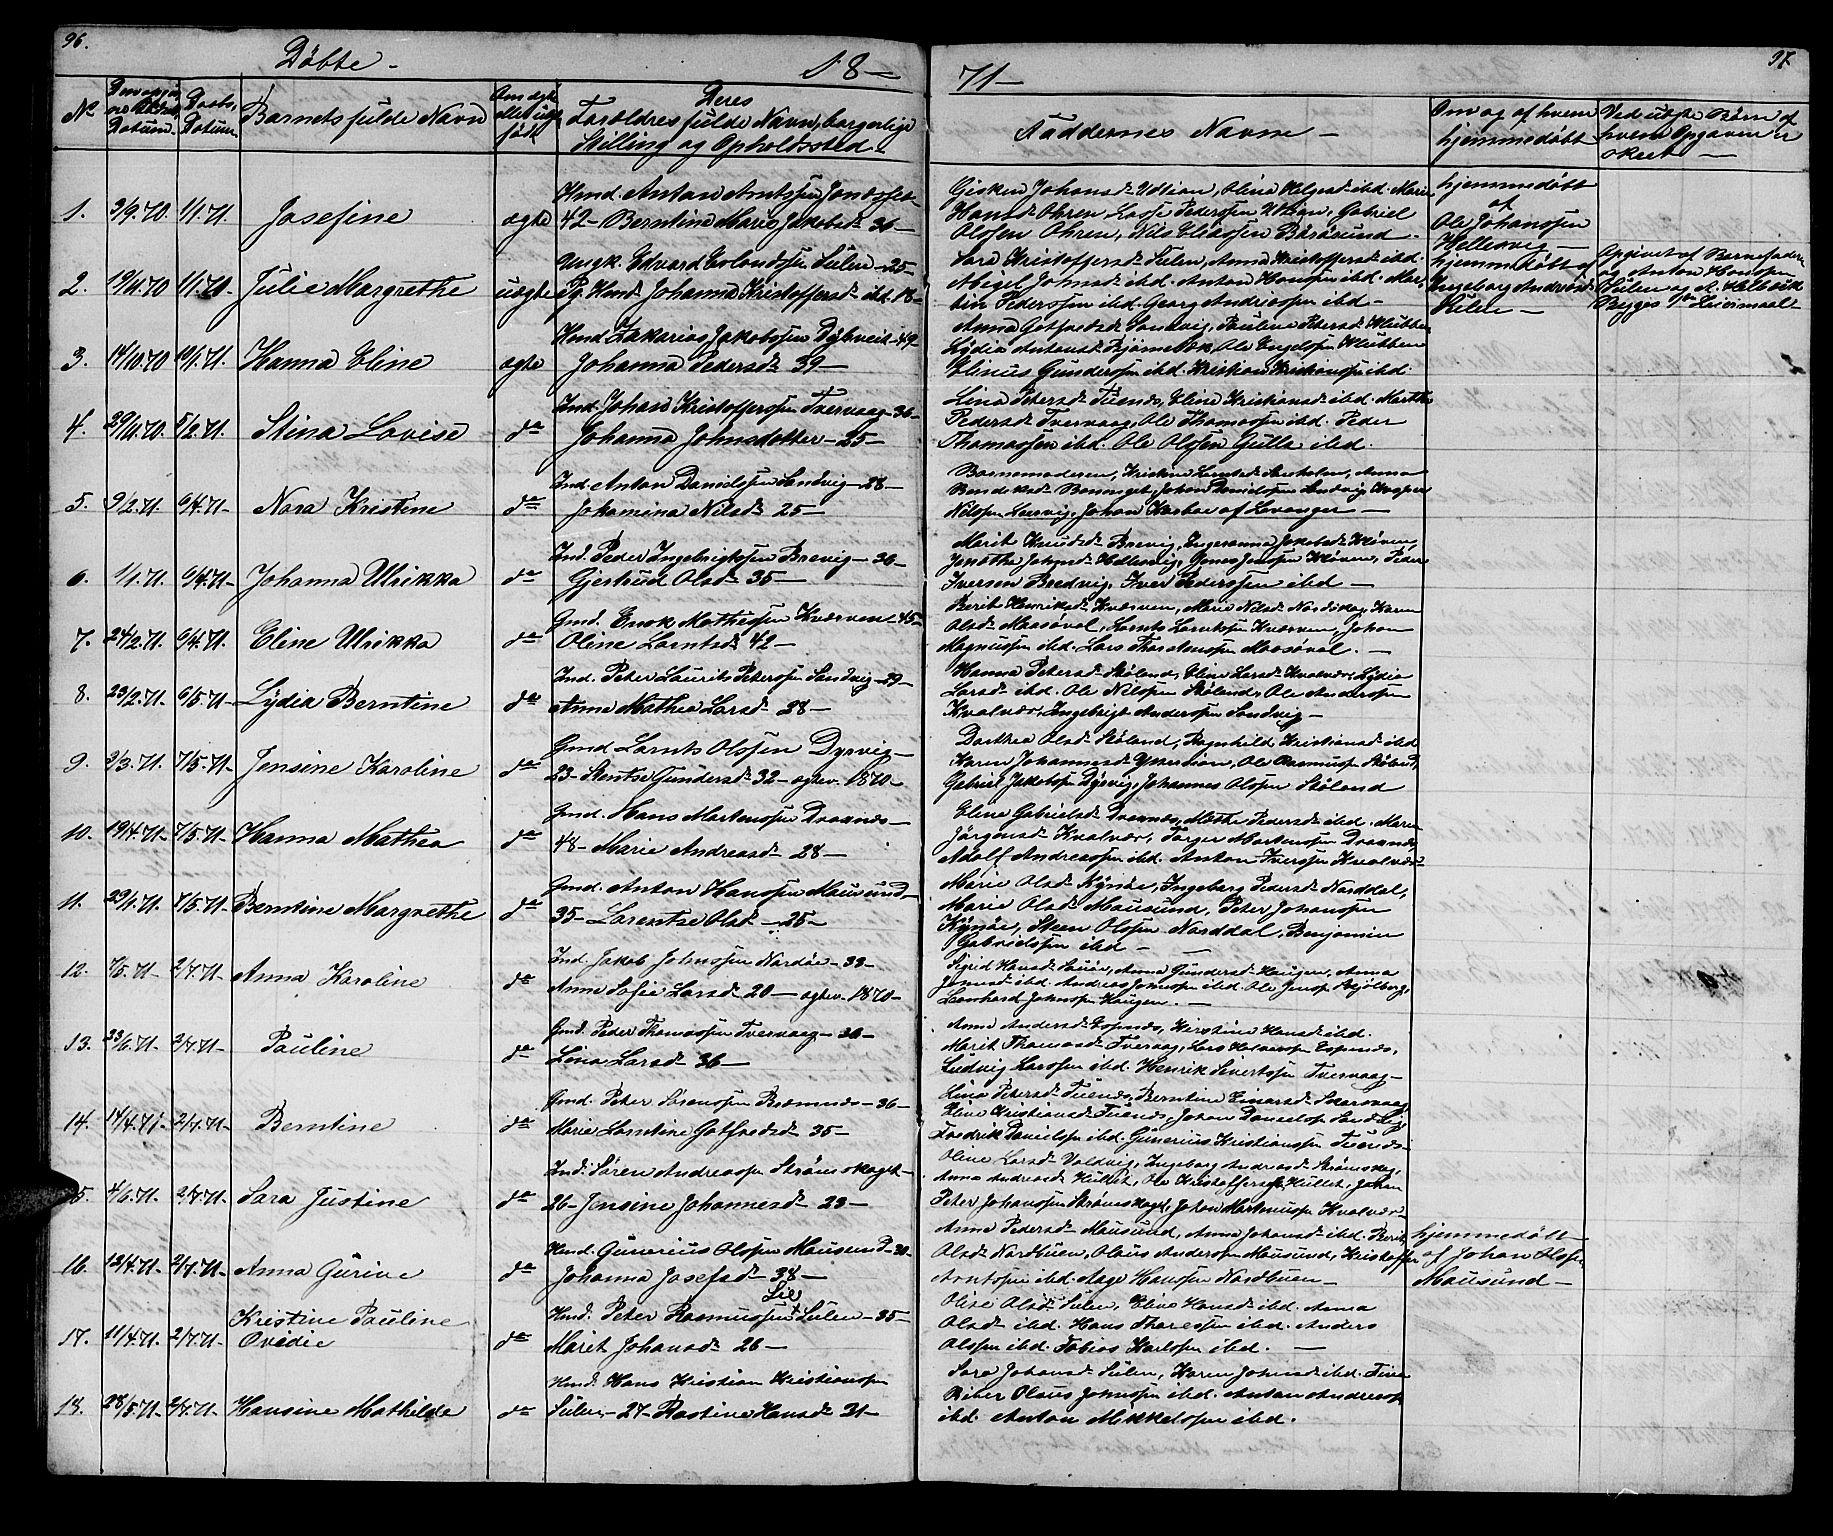 SAT, Ministerialprotokoller, klokkerbøker og fødselsregistre - Sør-Trøndelag, 640/L0583: Klokkerbok nr. 640C01, 1866-1877, s. 96-97